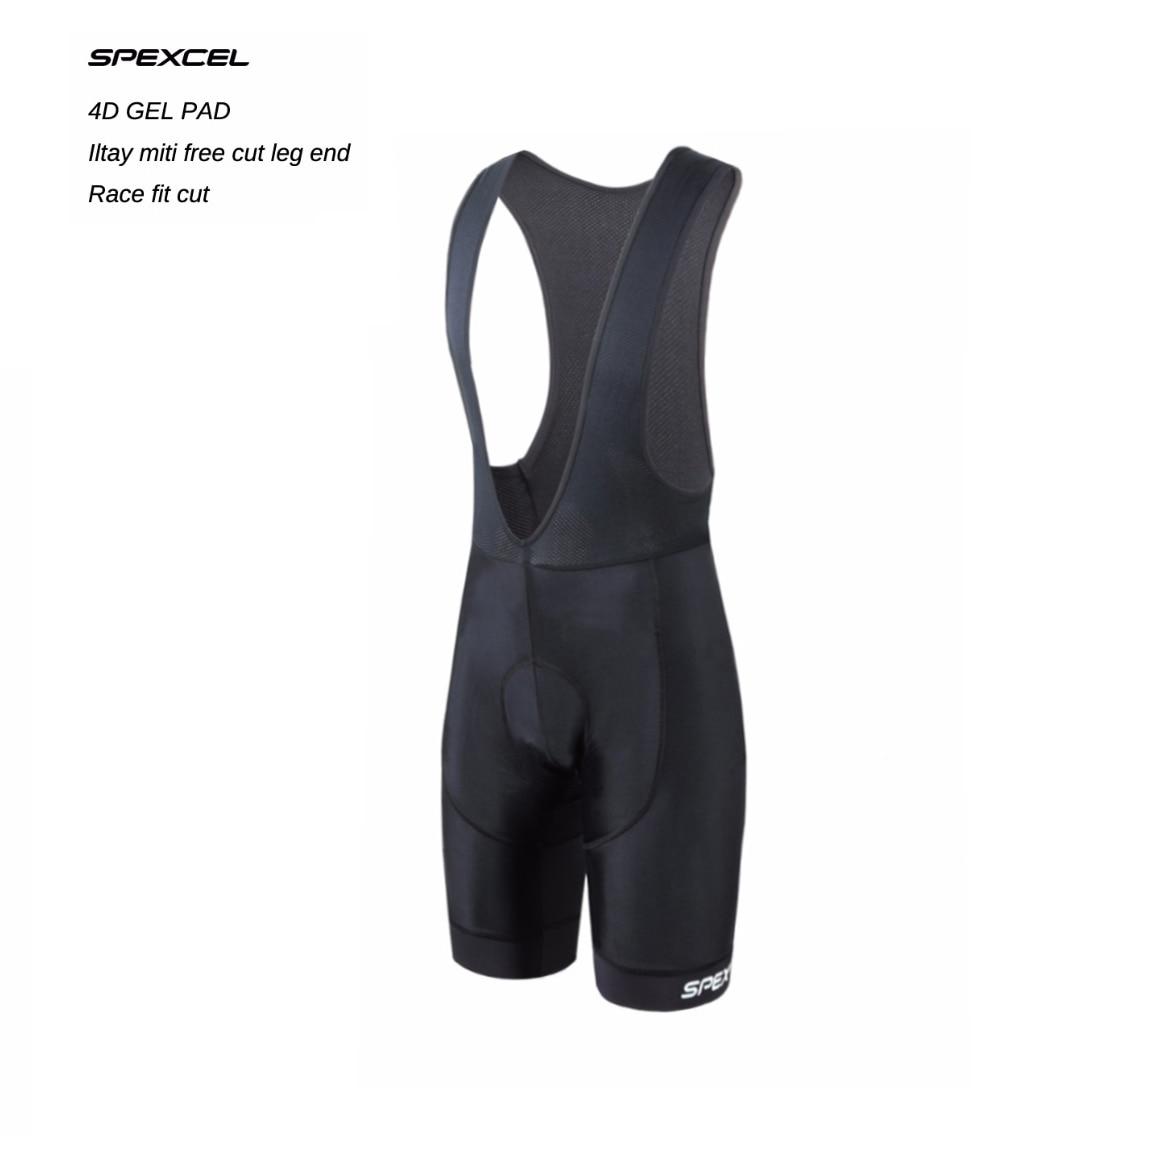 SPEXCEL-Pantalones cortos clásicos de gran calidad para ciclismo, ropa para competición, con...